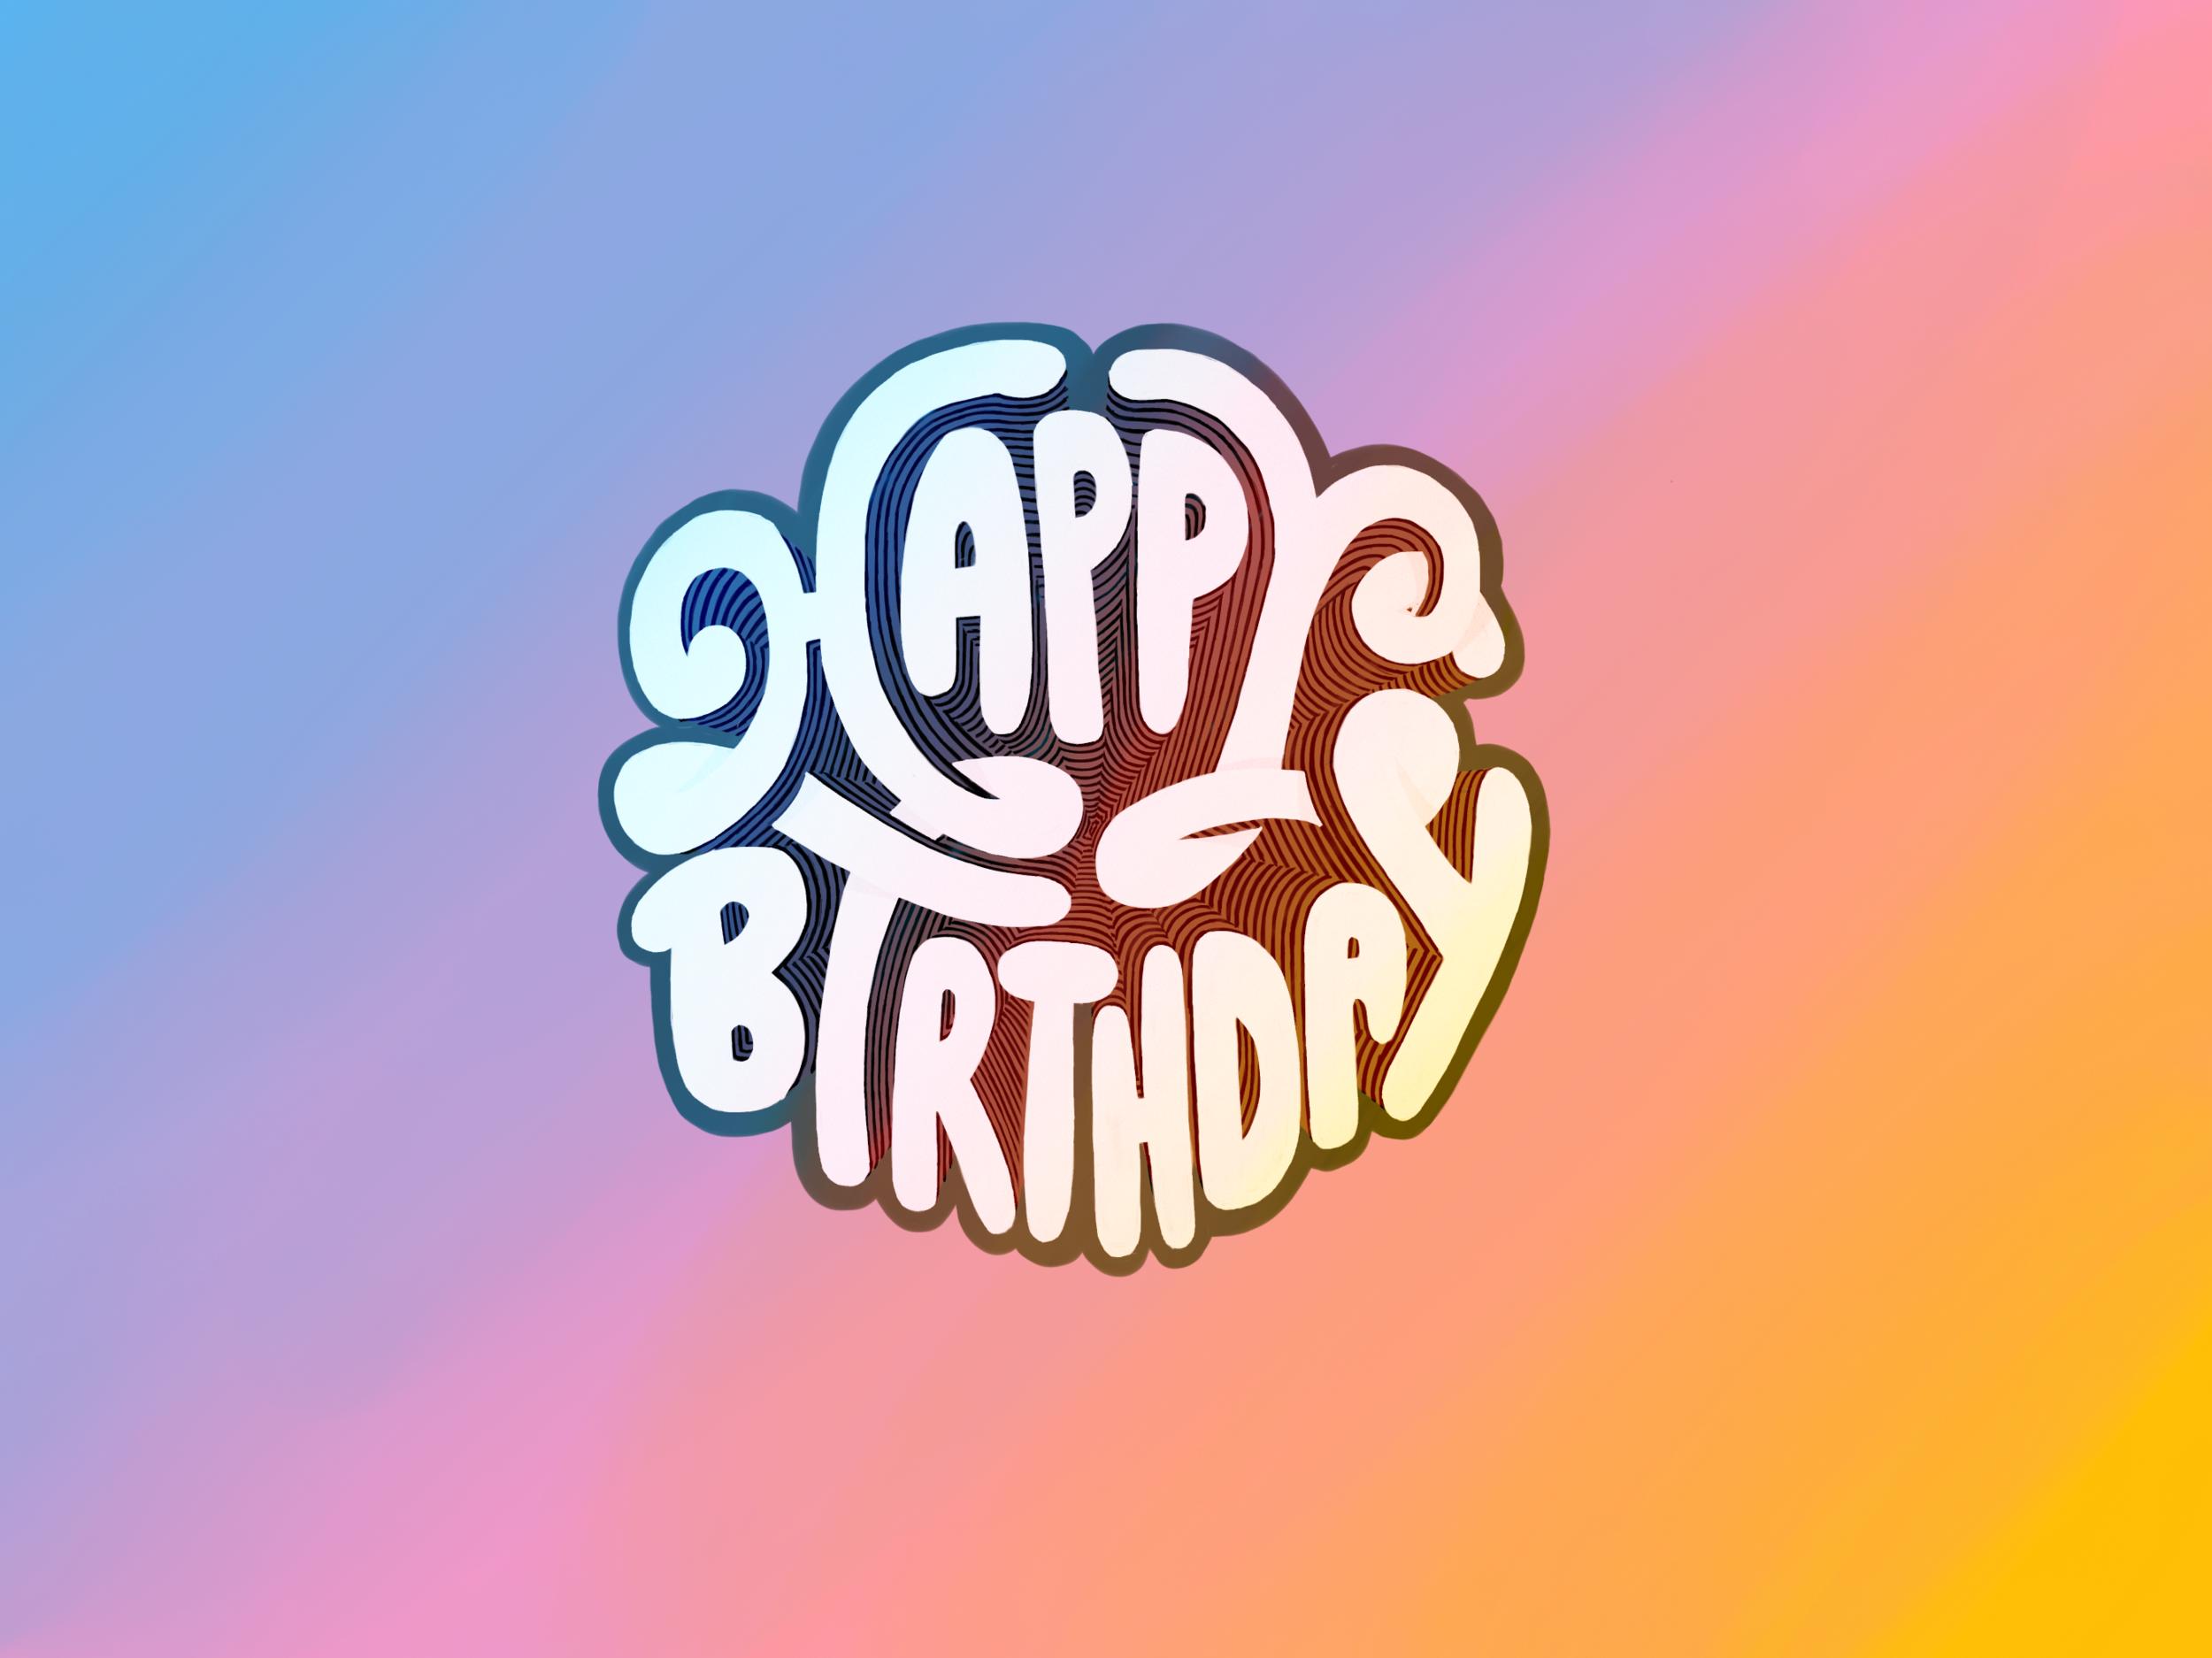 Happy Birthday - Type